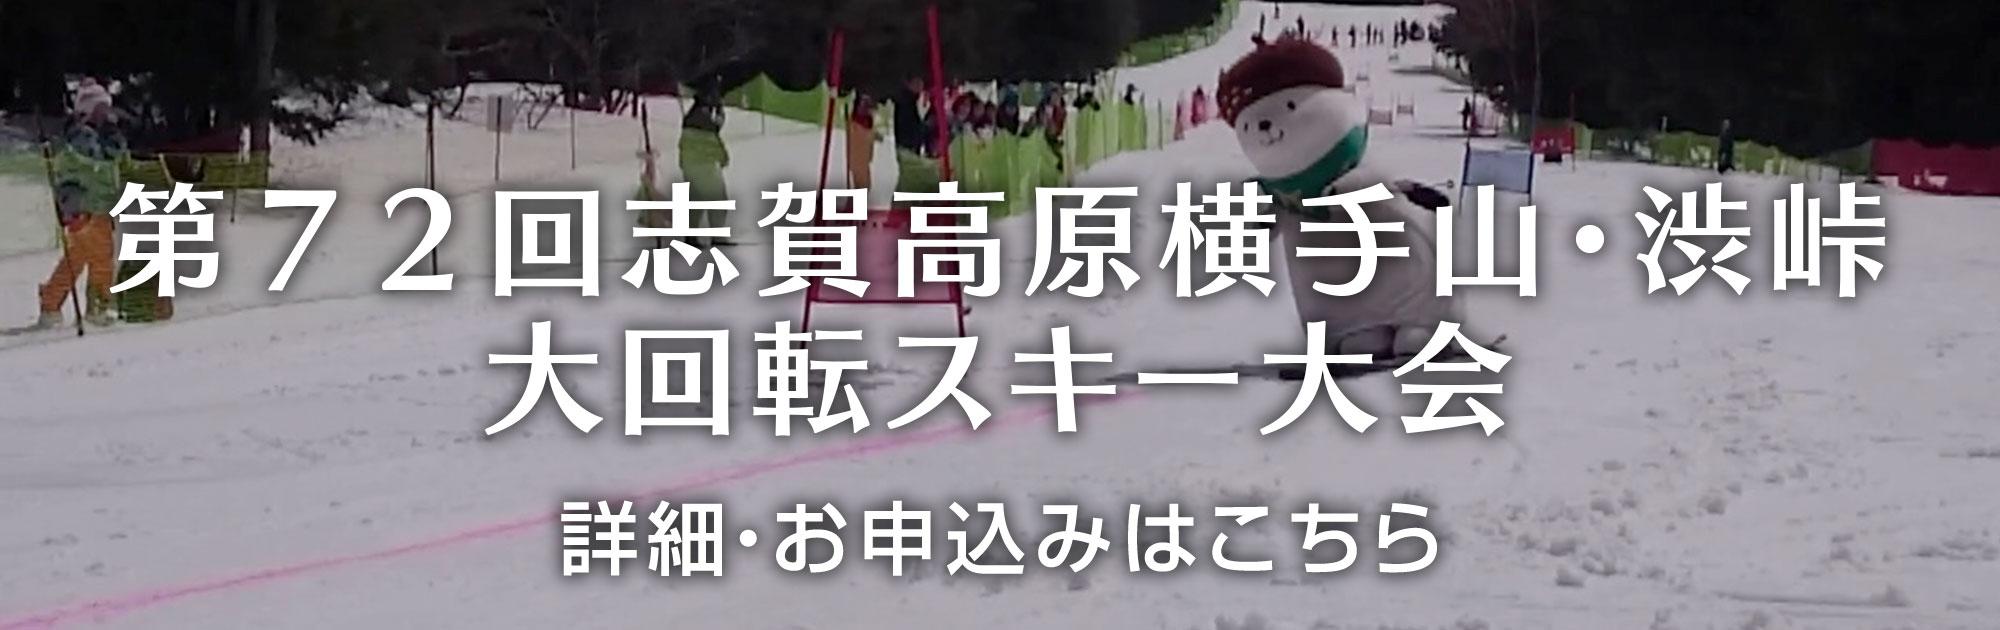 第72回志賀高原横手山・渋峠大回転スキー大会